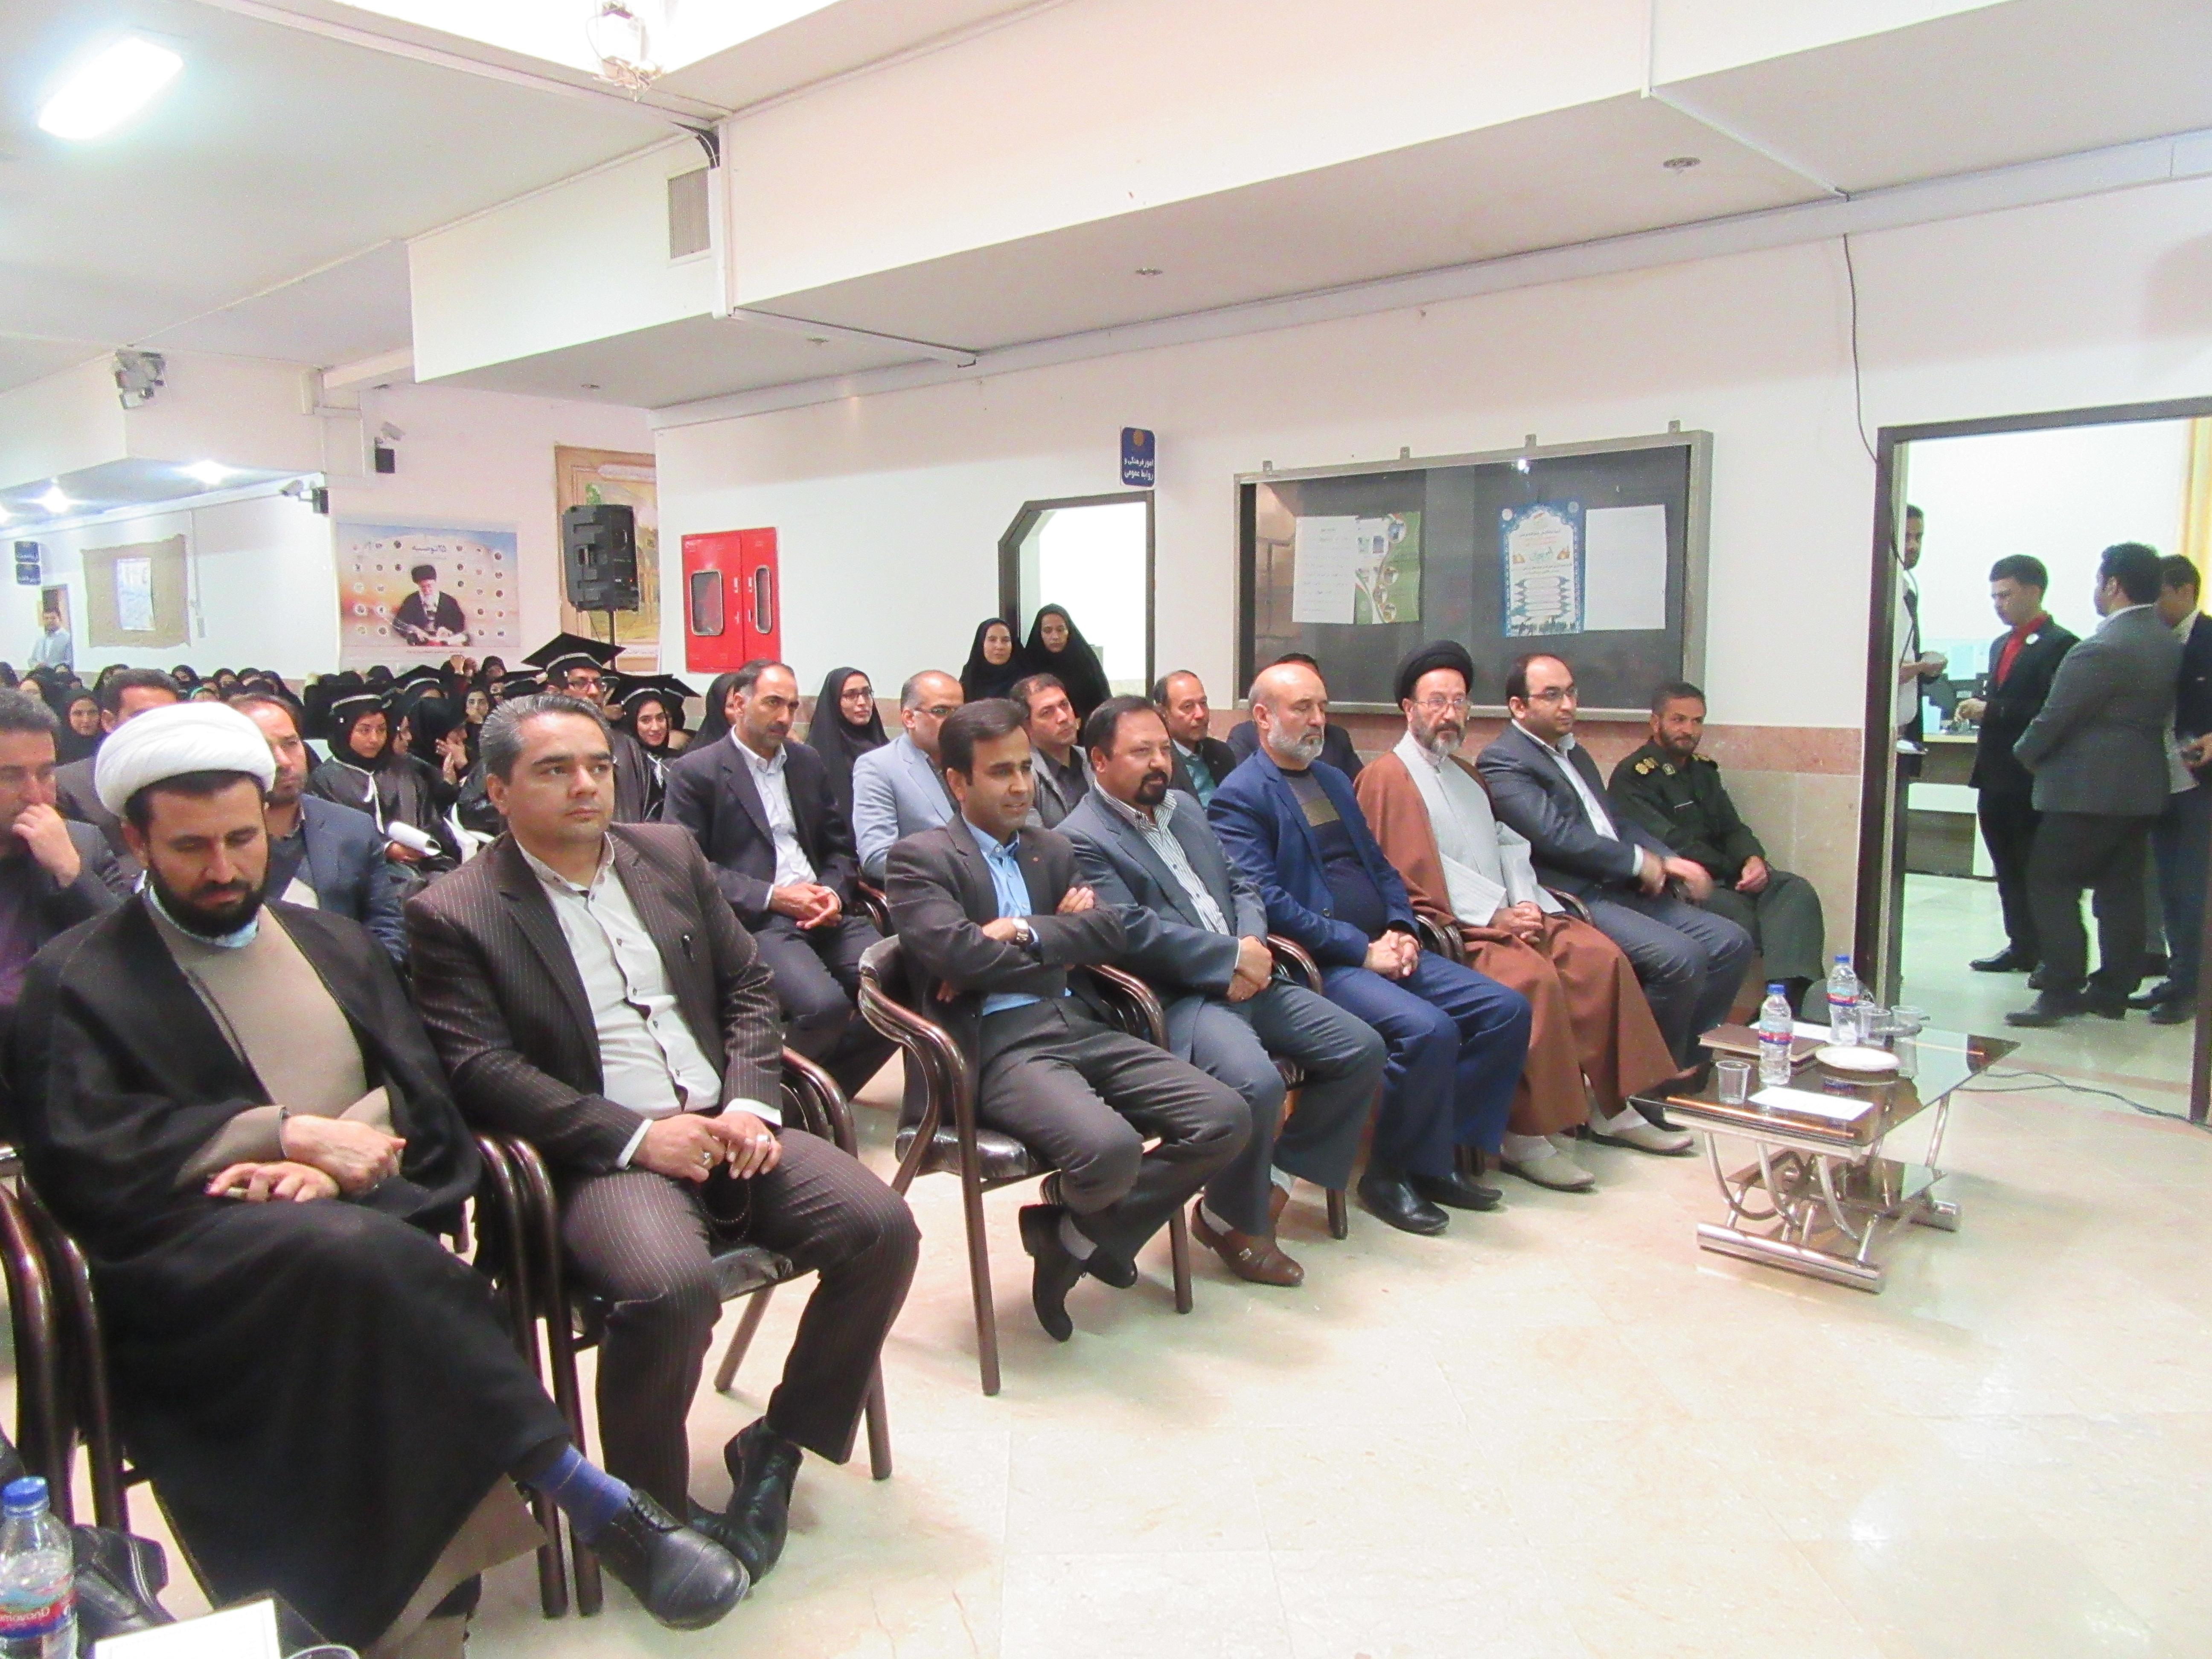 ه مناسبت روز دانشجو؛ جشن دانش آموختگی فارغ التحصیلان دانشگاه پیام نور خواف برگزار شد